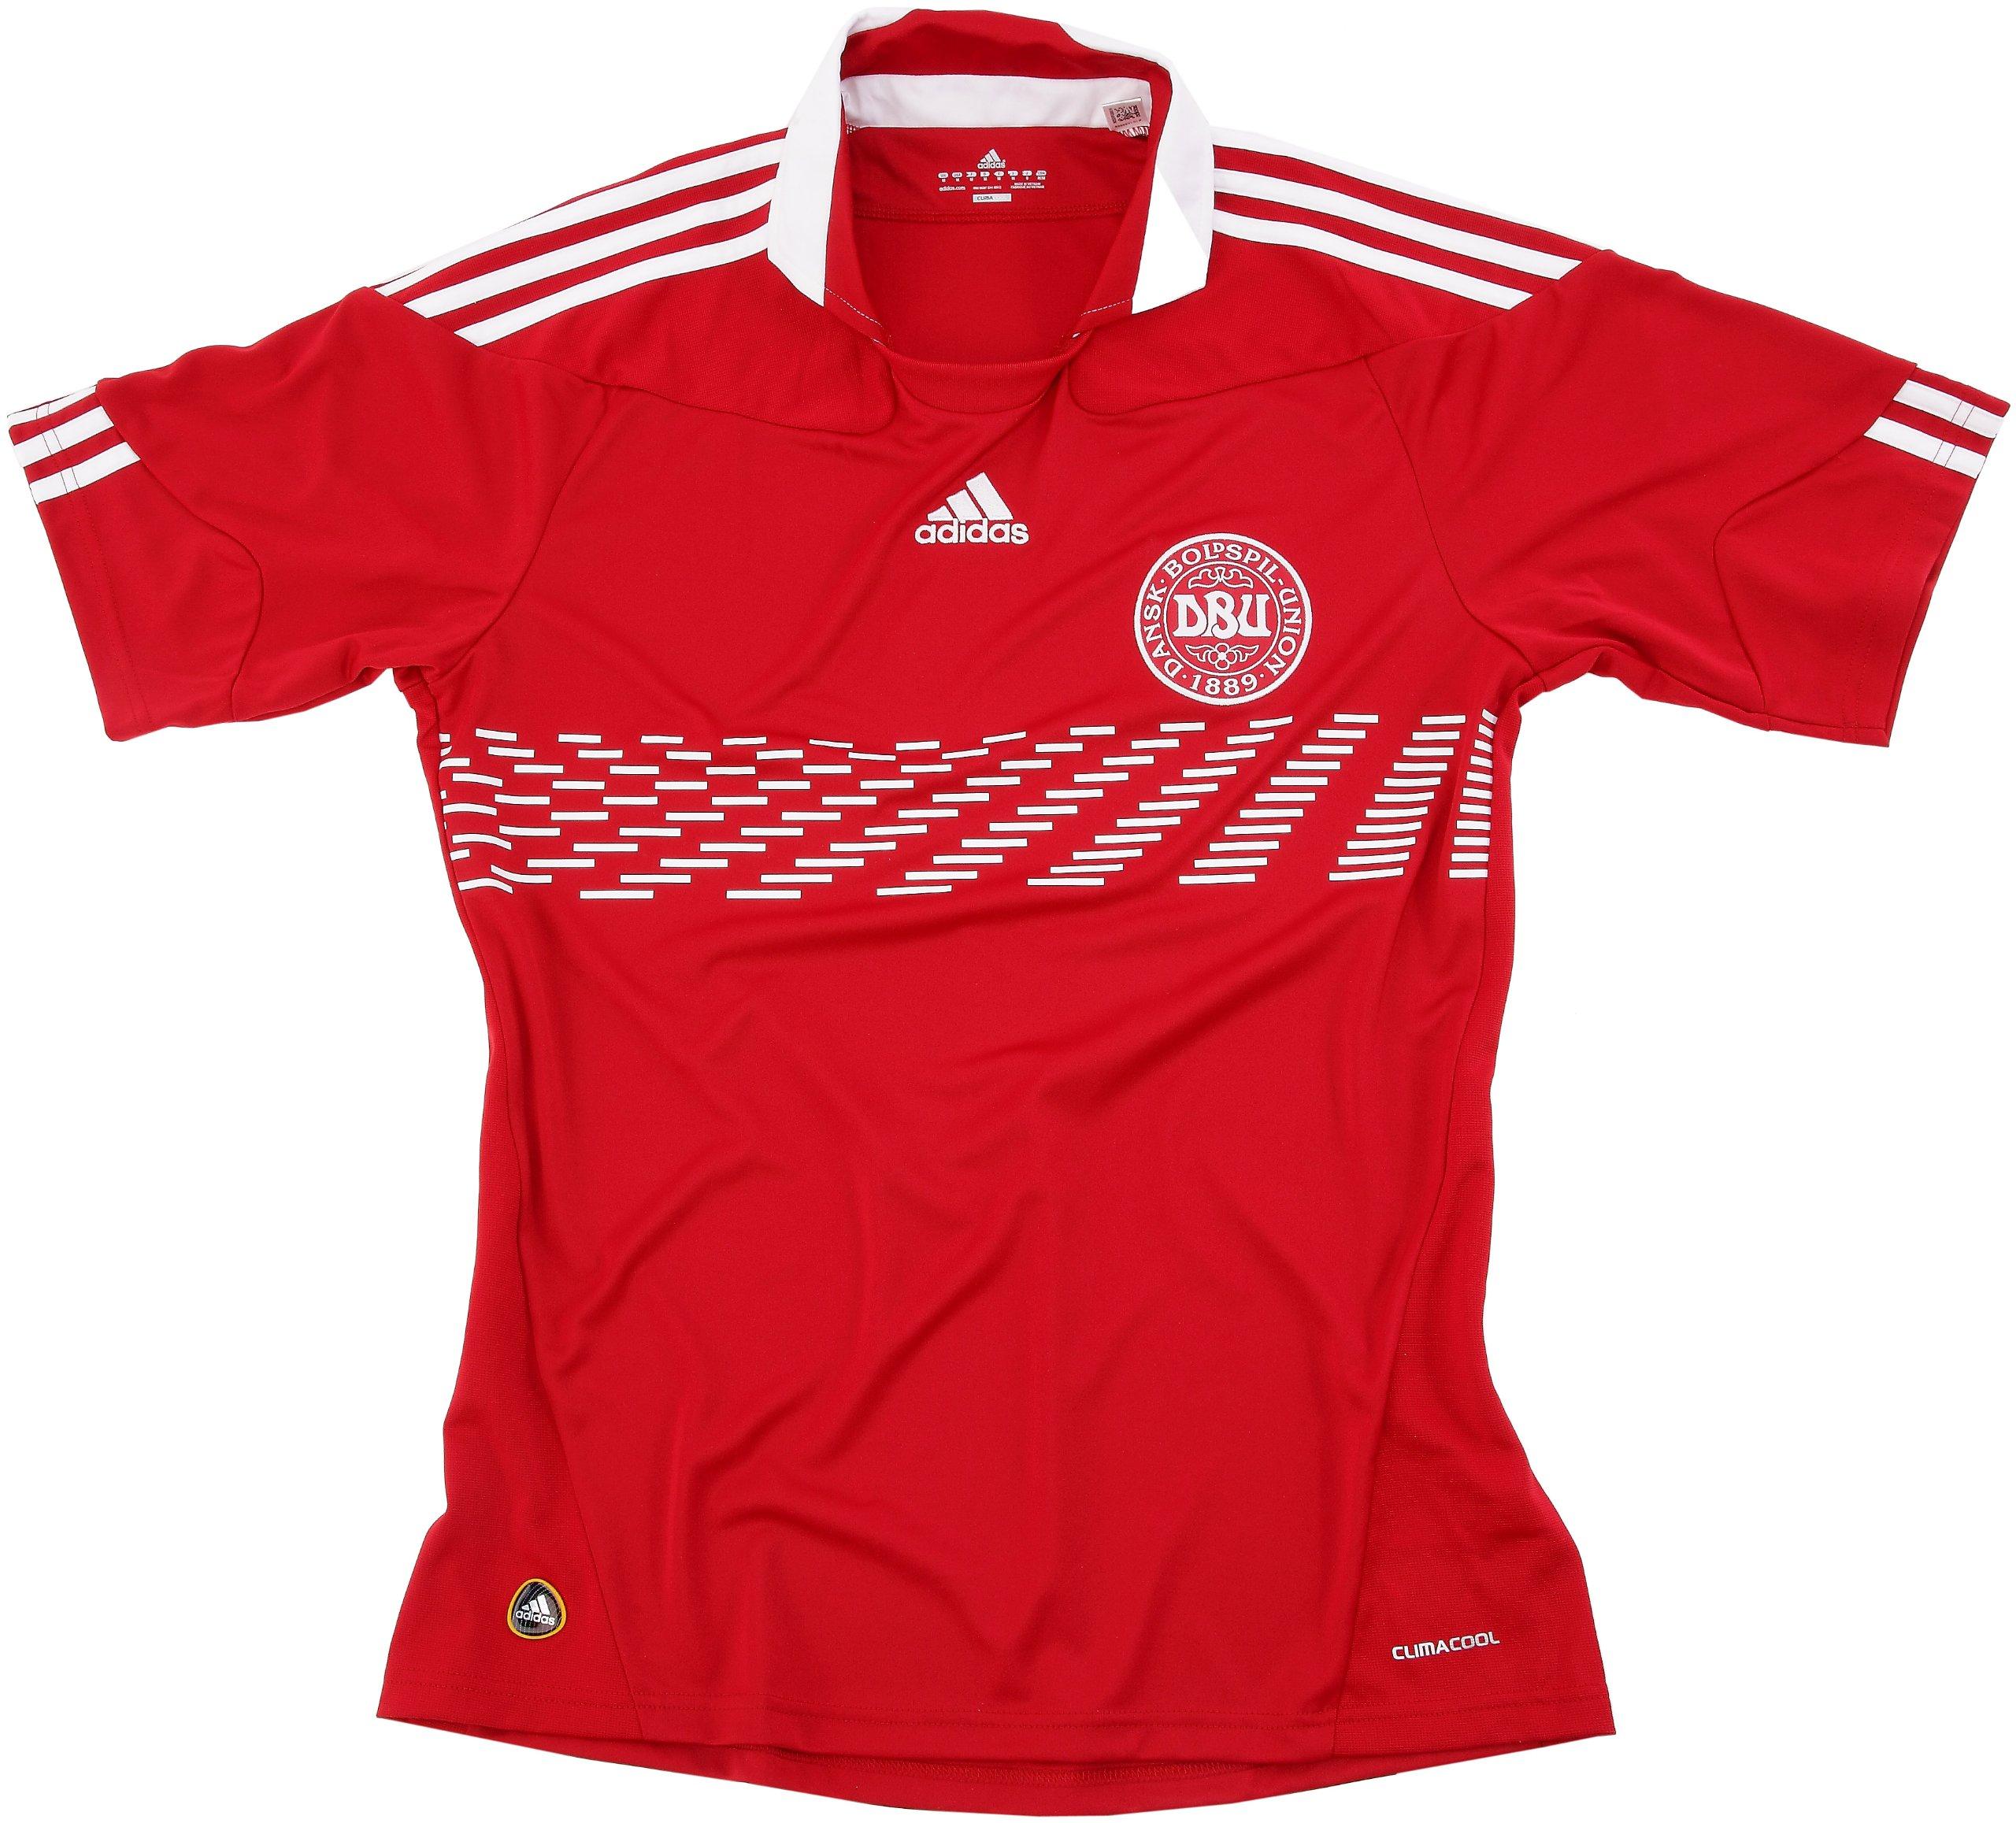 adidas – Camiseta de fútbol selección Dinamarca DBU hogar Rojo eléctrico/Color Blanco, Hombre, Rouge electrique/Blanc, L: Amazon.es: Deportes y aire libre